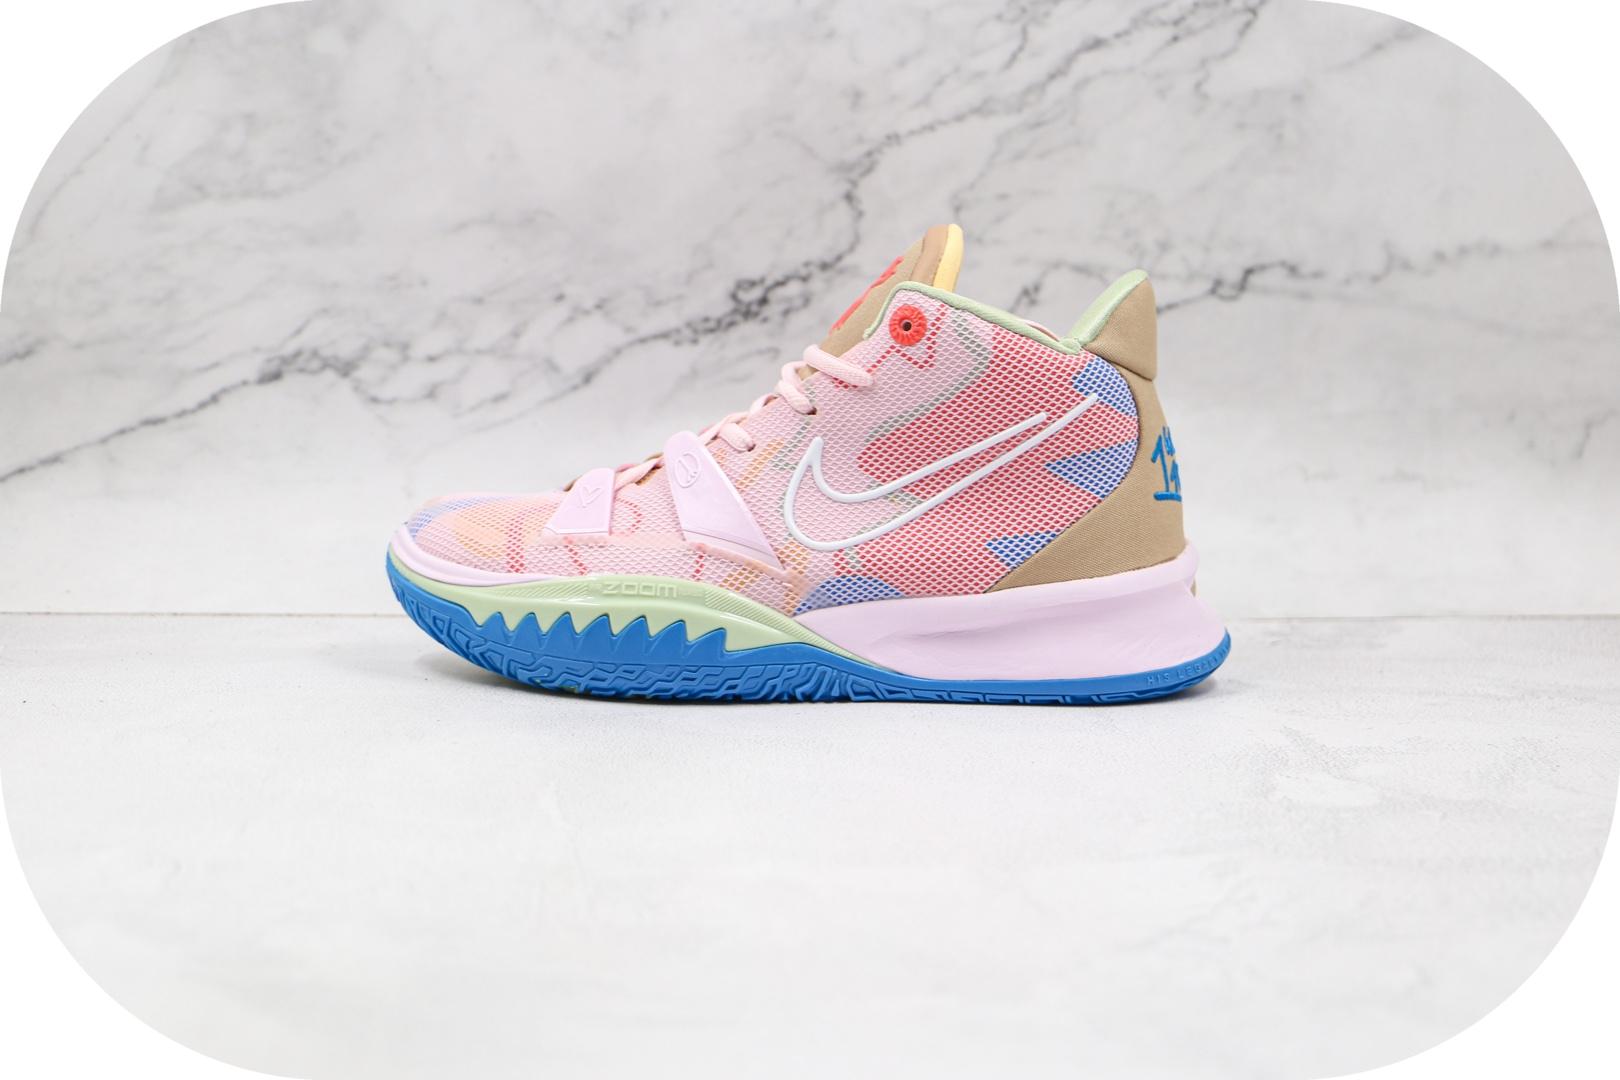 耐克Nike Kyrie 7 EP纯原版本欧文7代樱花粉色篮球鞋支持实战 货号:CT4080-600